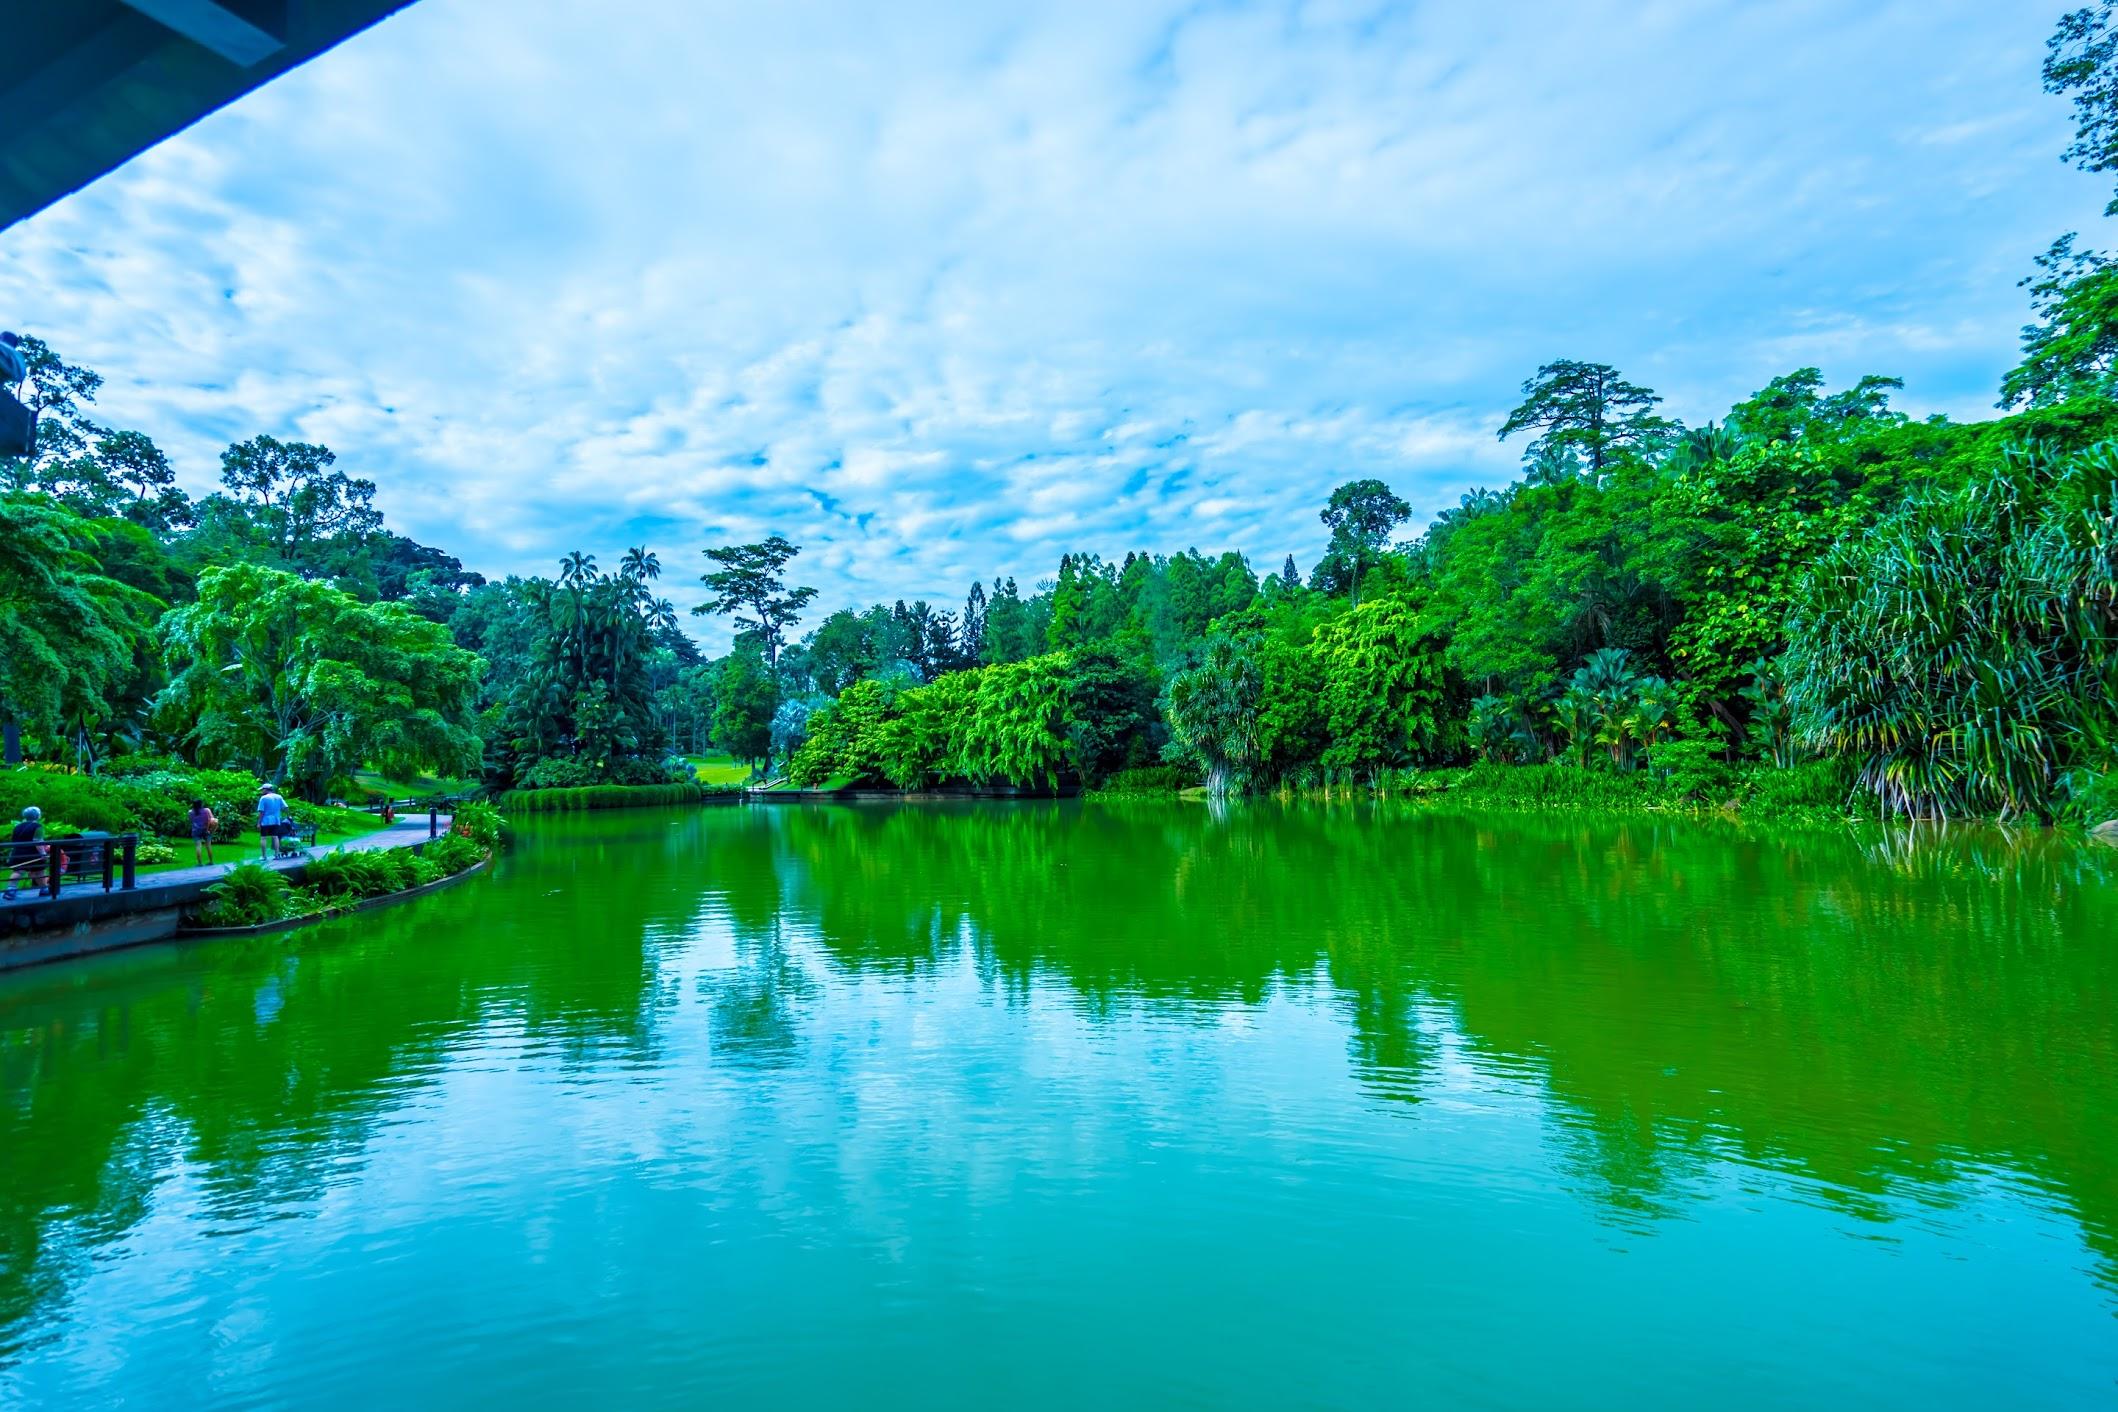 シンガポール植物園(ボタニック・ガーデン) シンフォニー・レイク2